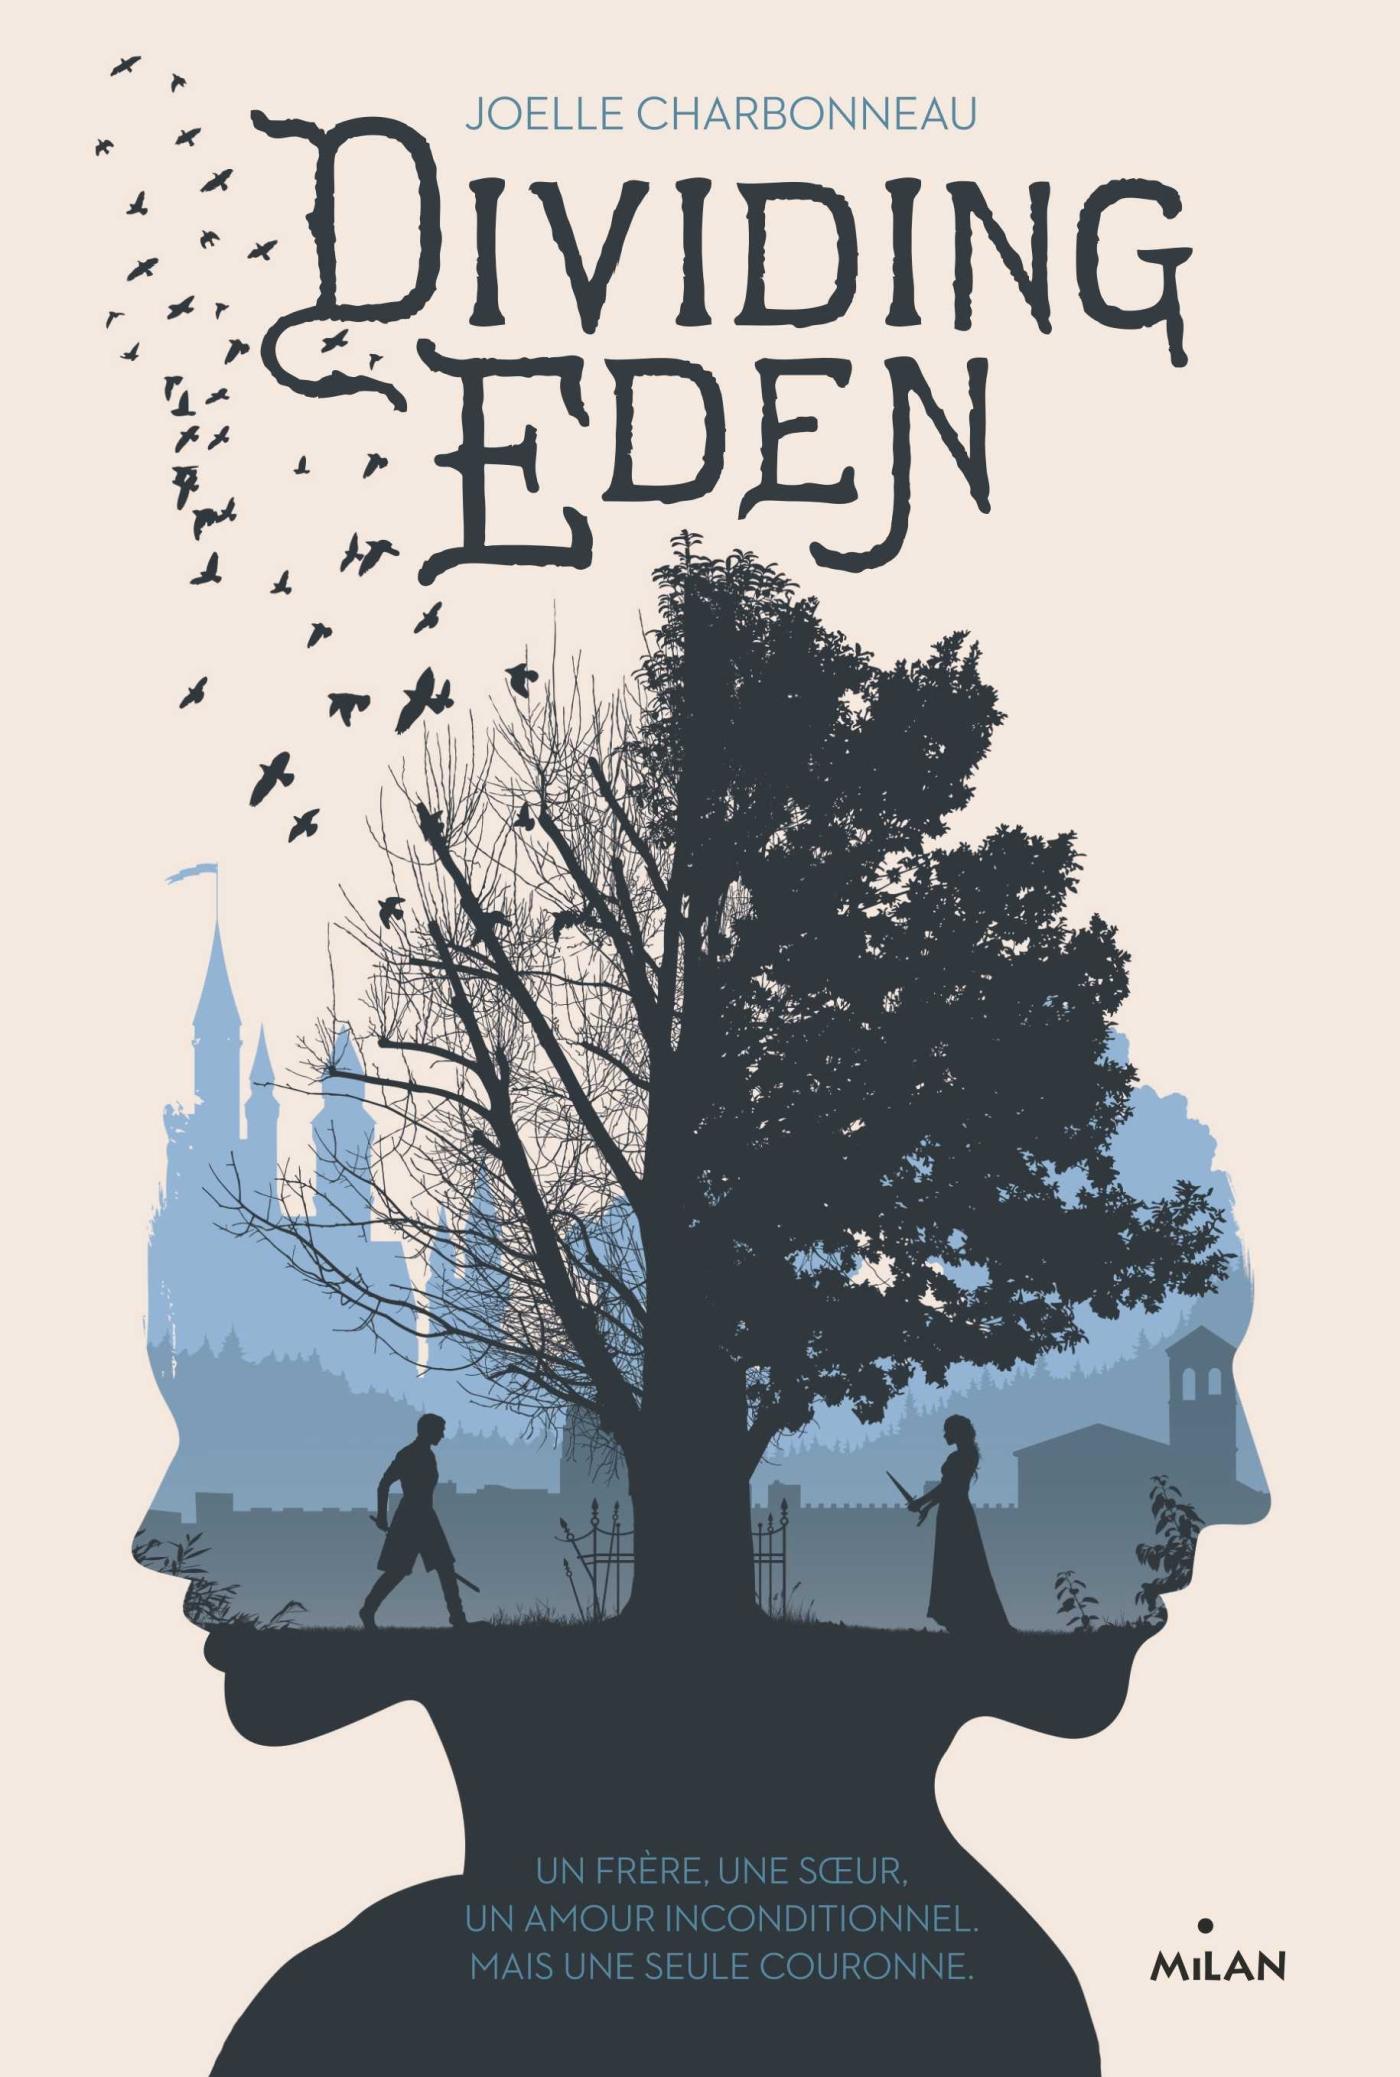 Image de l'article «Dividing Eden de Joelle Charbonneau»